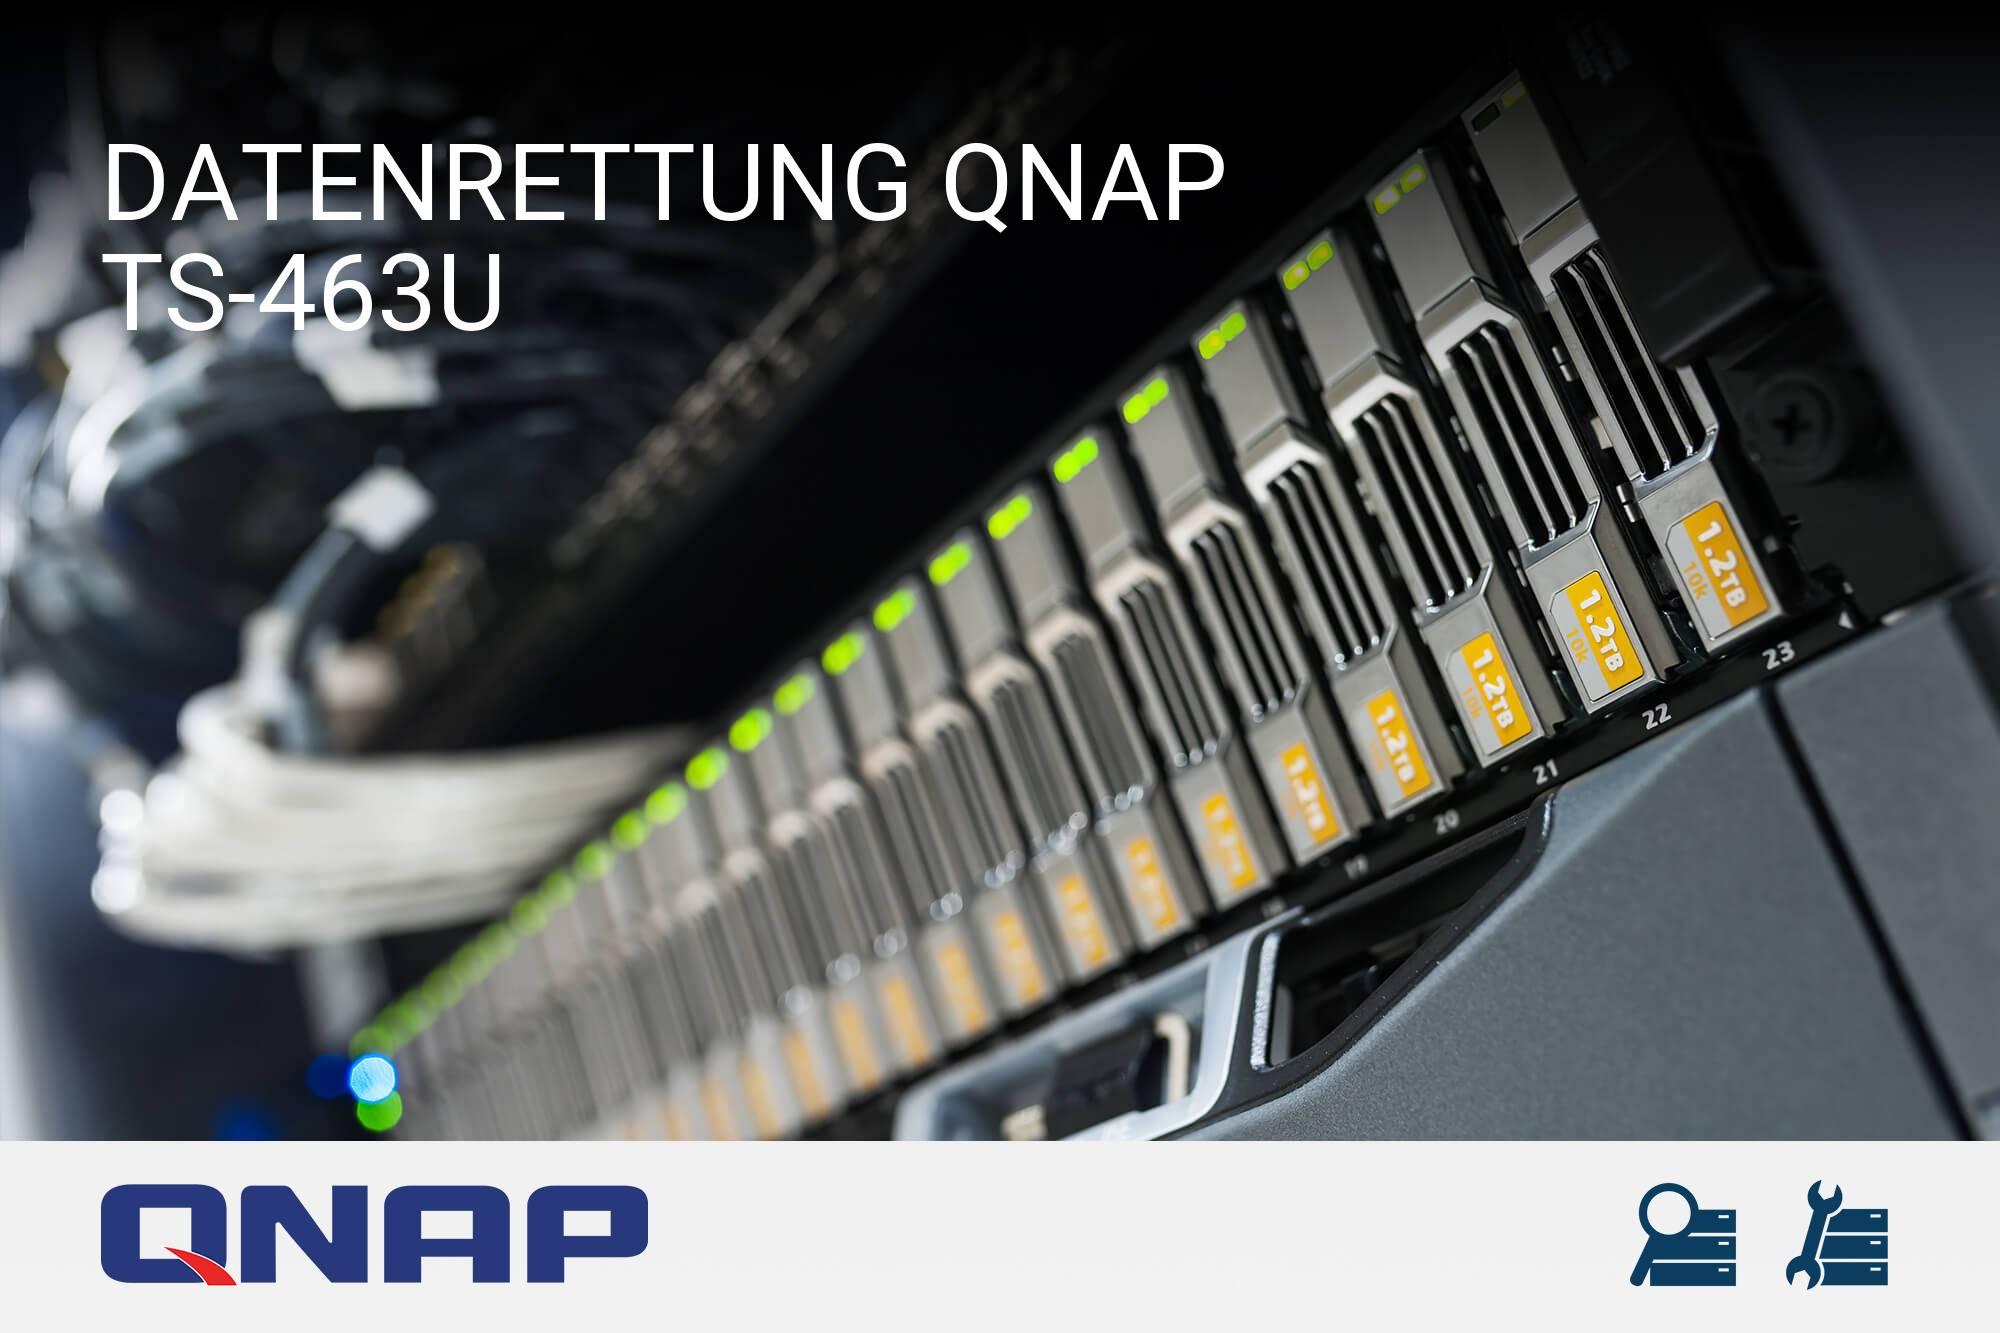 QNAP TS-463U